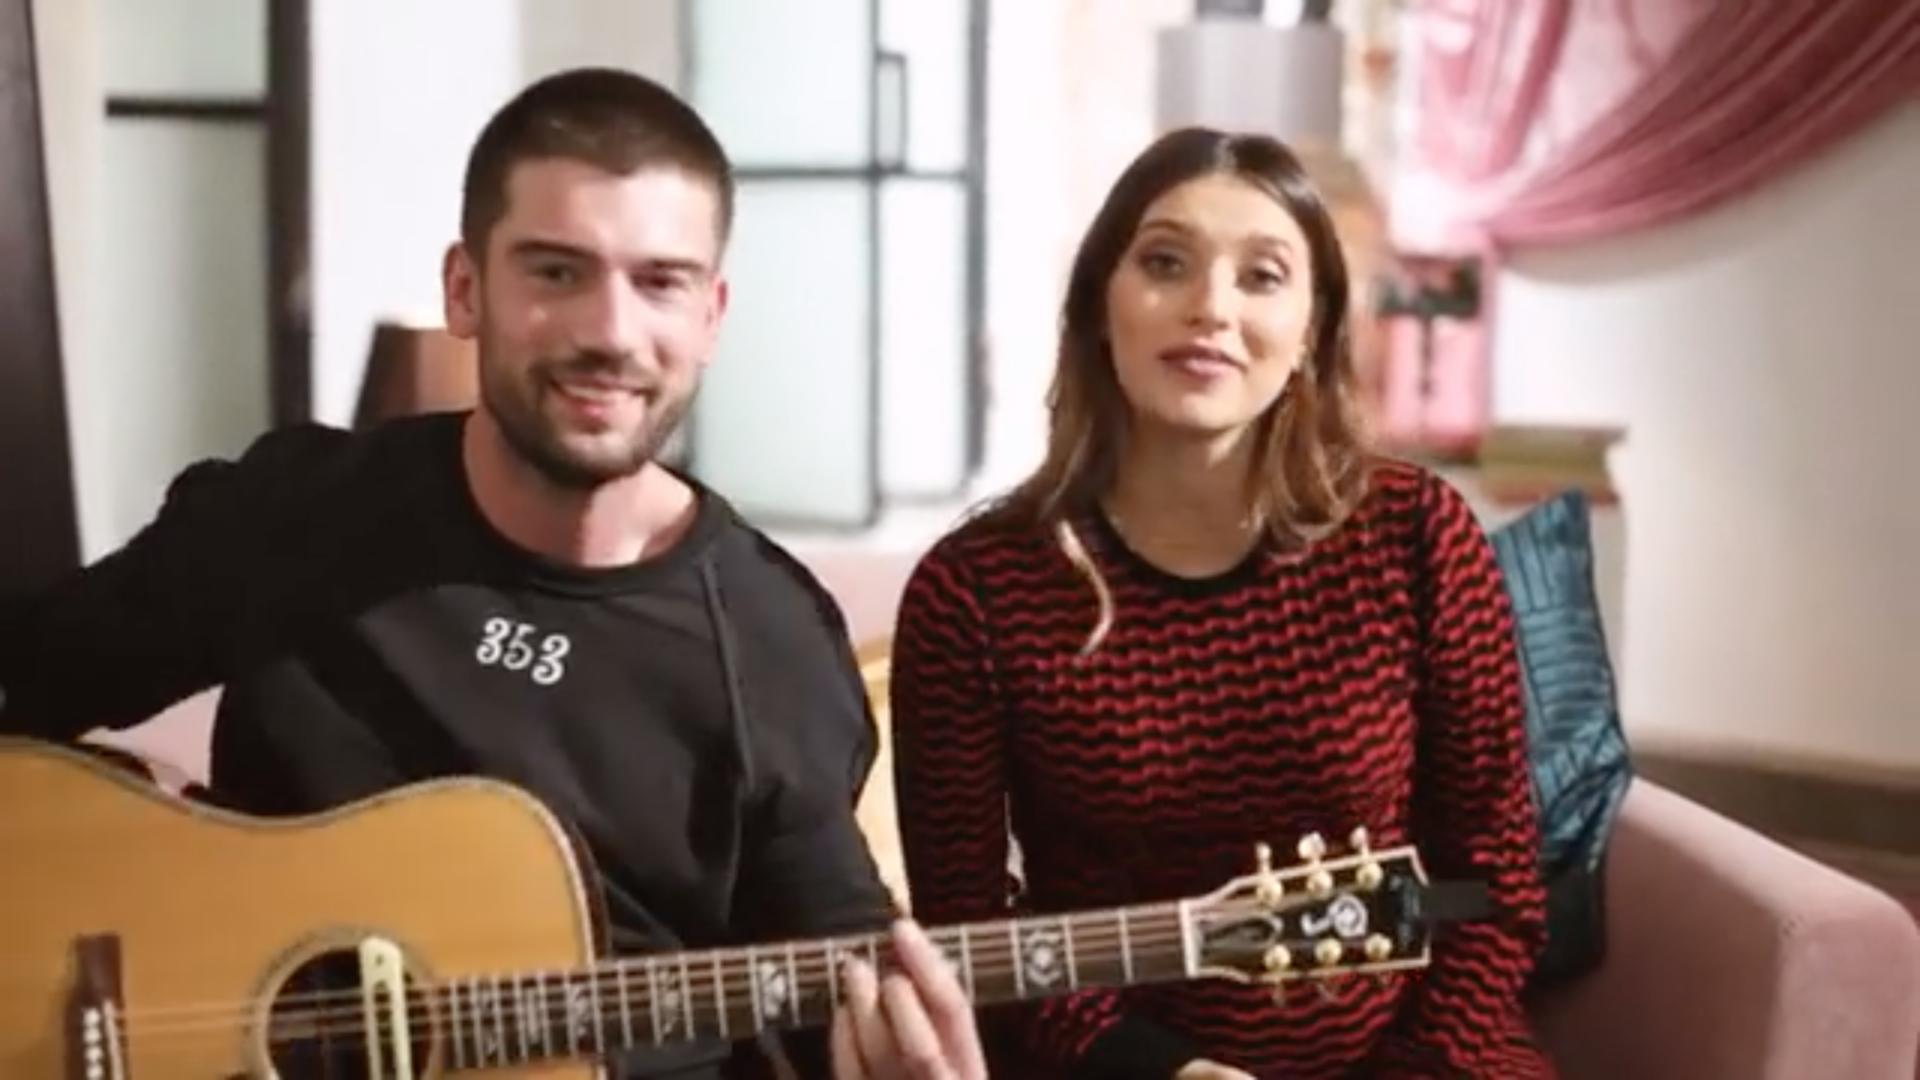 Тодоренко и Лаврентьев представили дуэтную песню, а Майами дал концерт в Шереметьево: топ видео из Instagram звезд